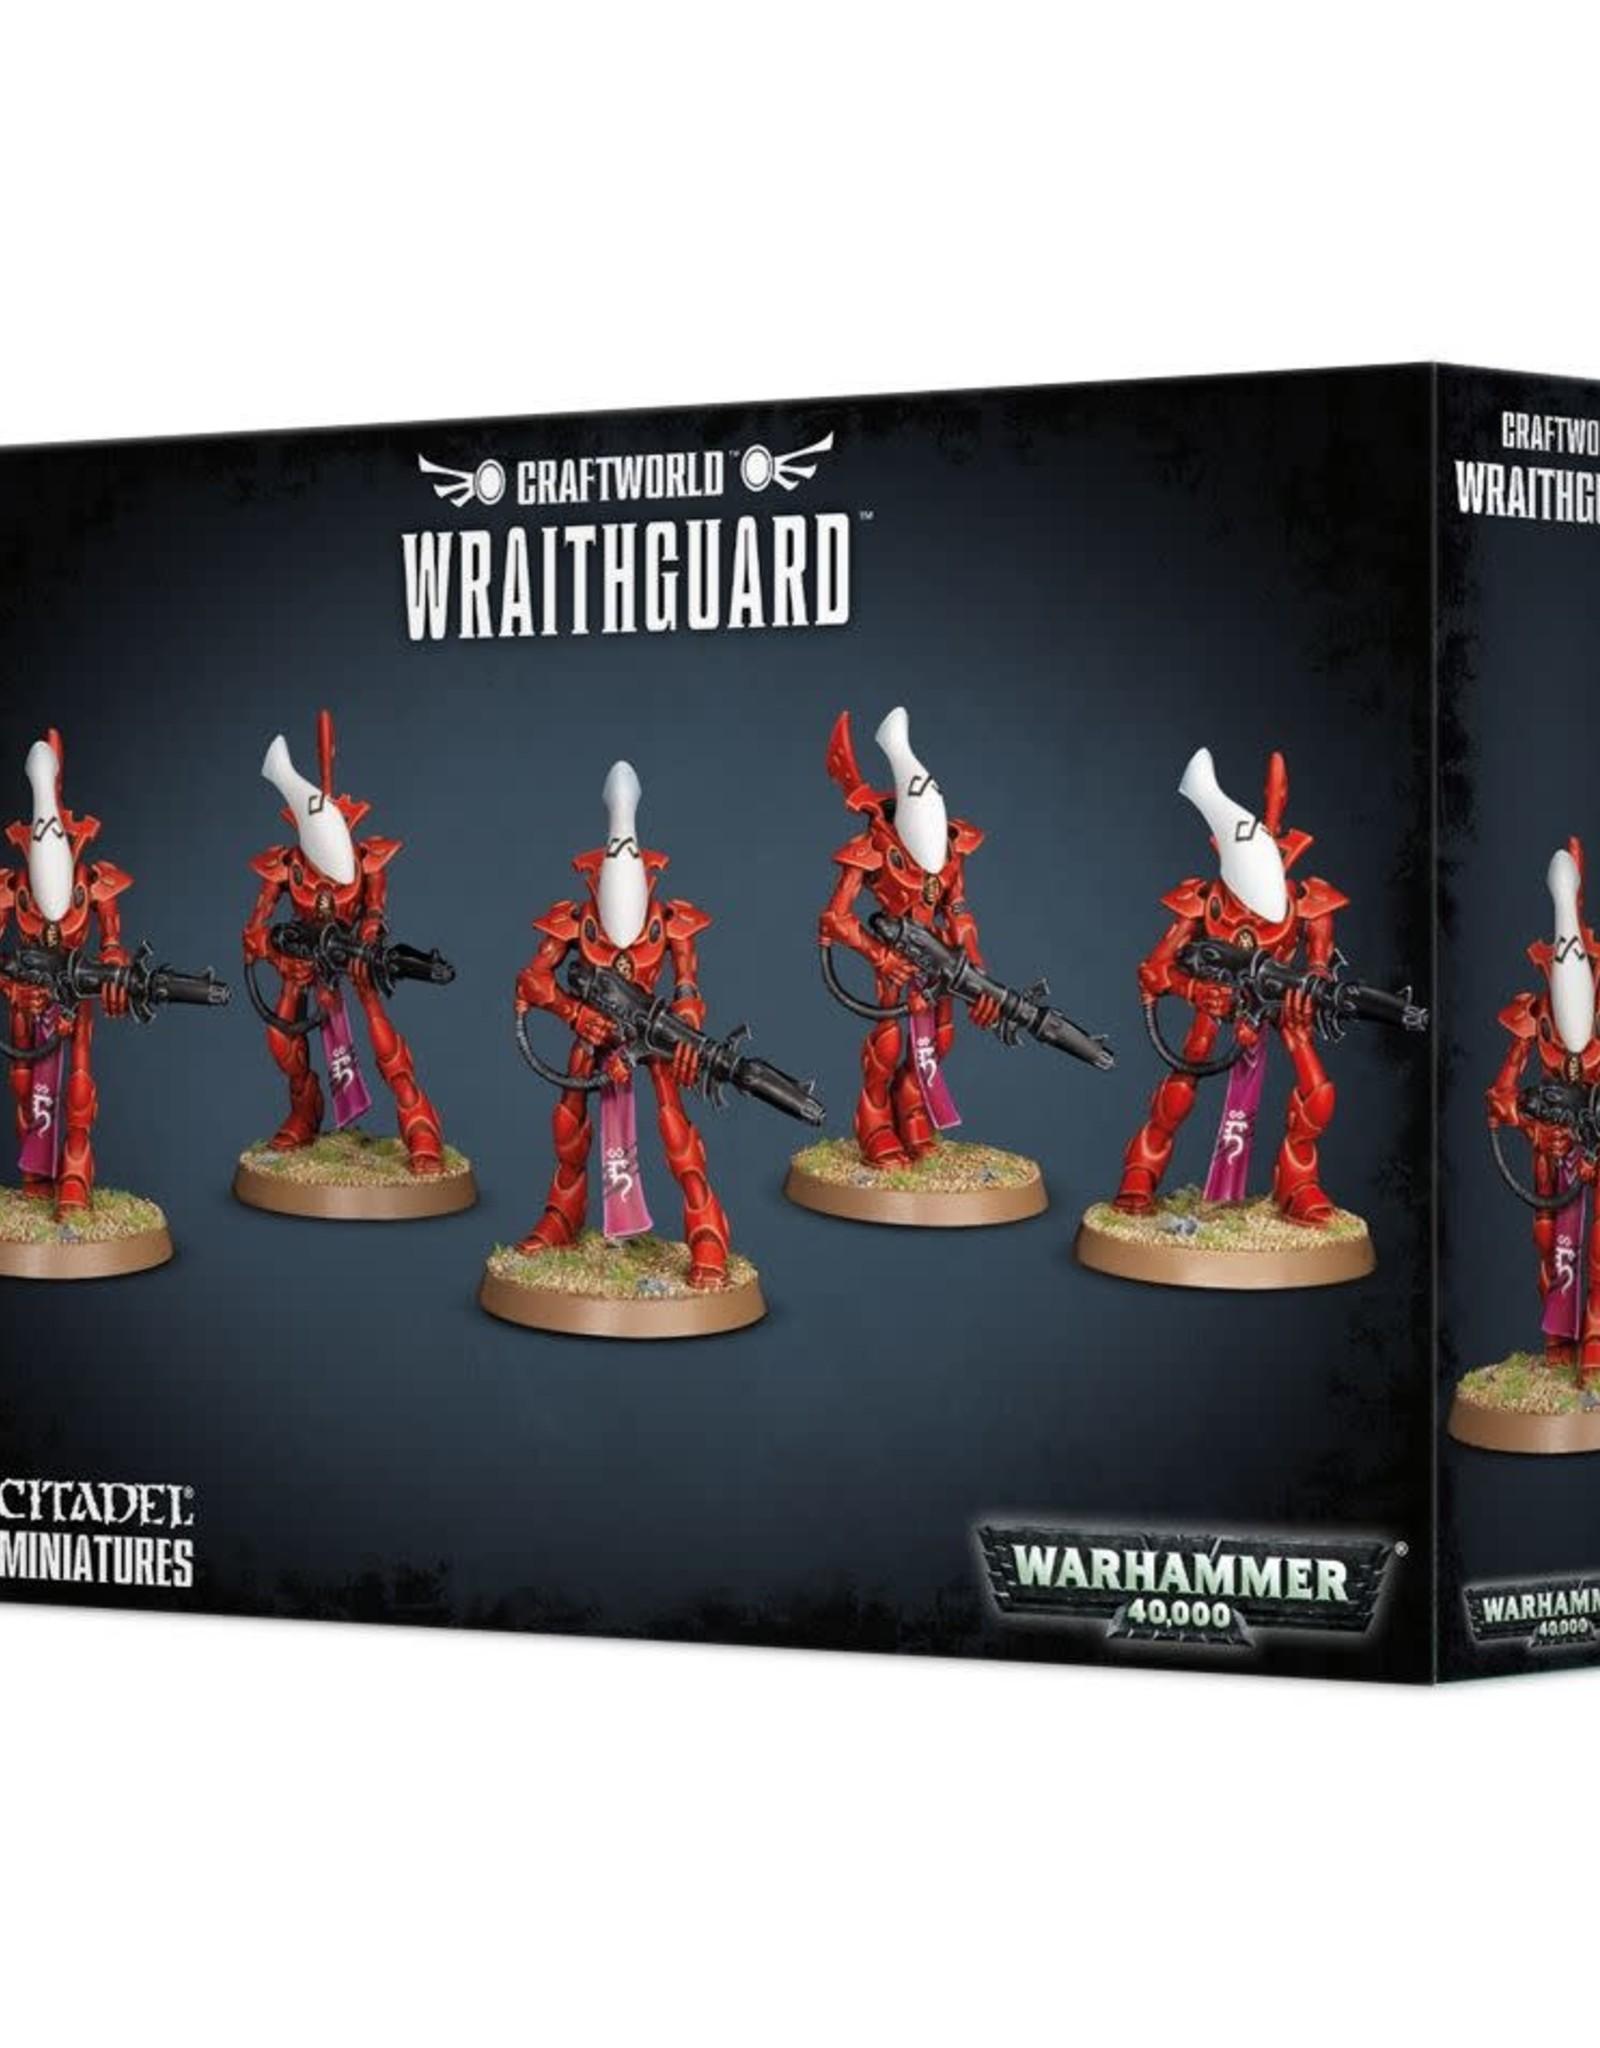 Warhammer 40K Craftworlds Wraithguard / Wraithblades